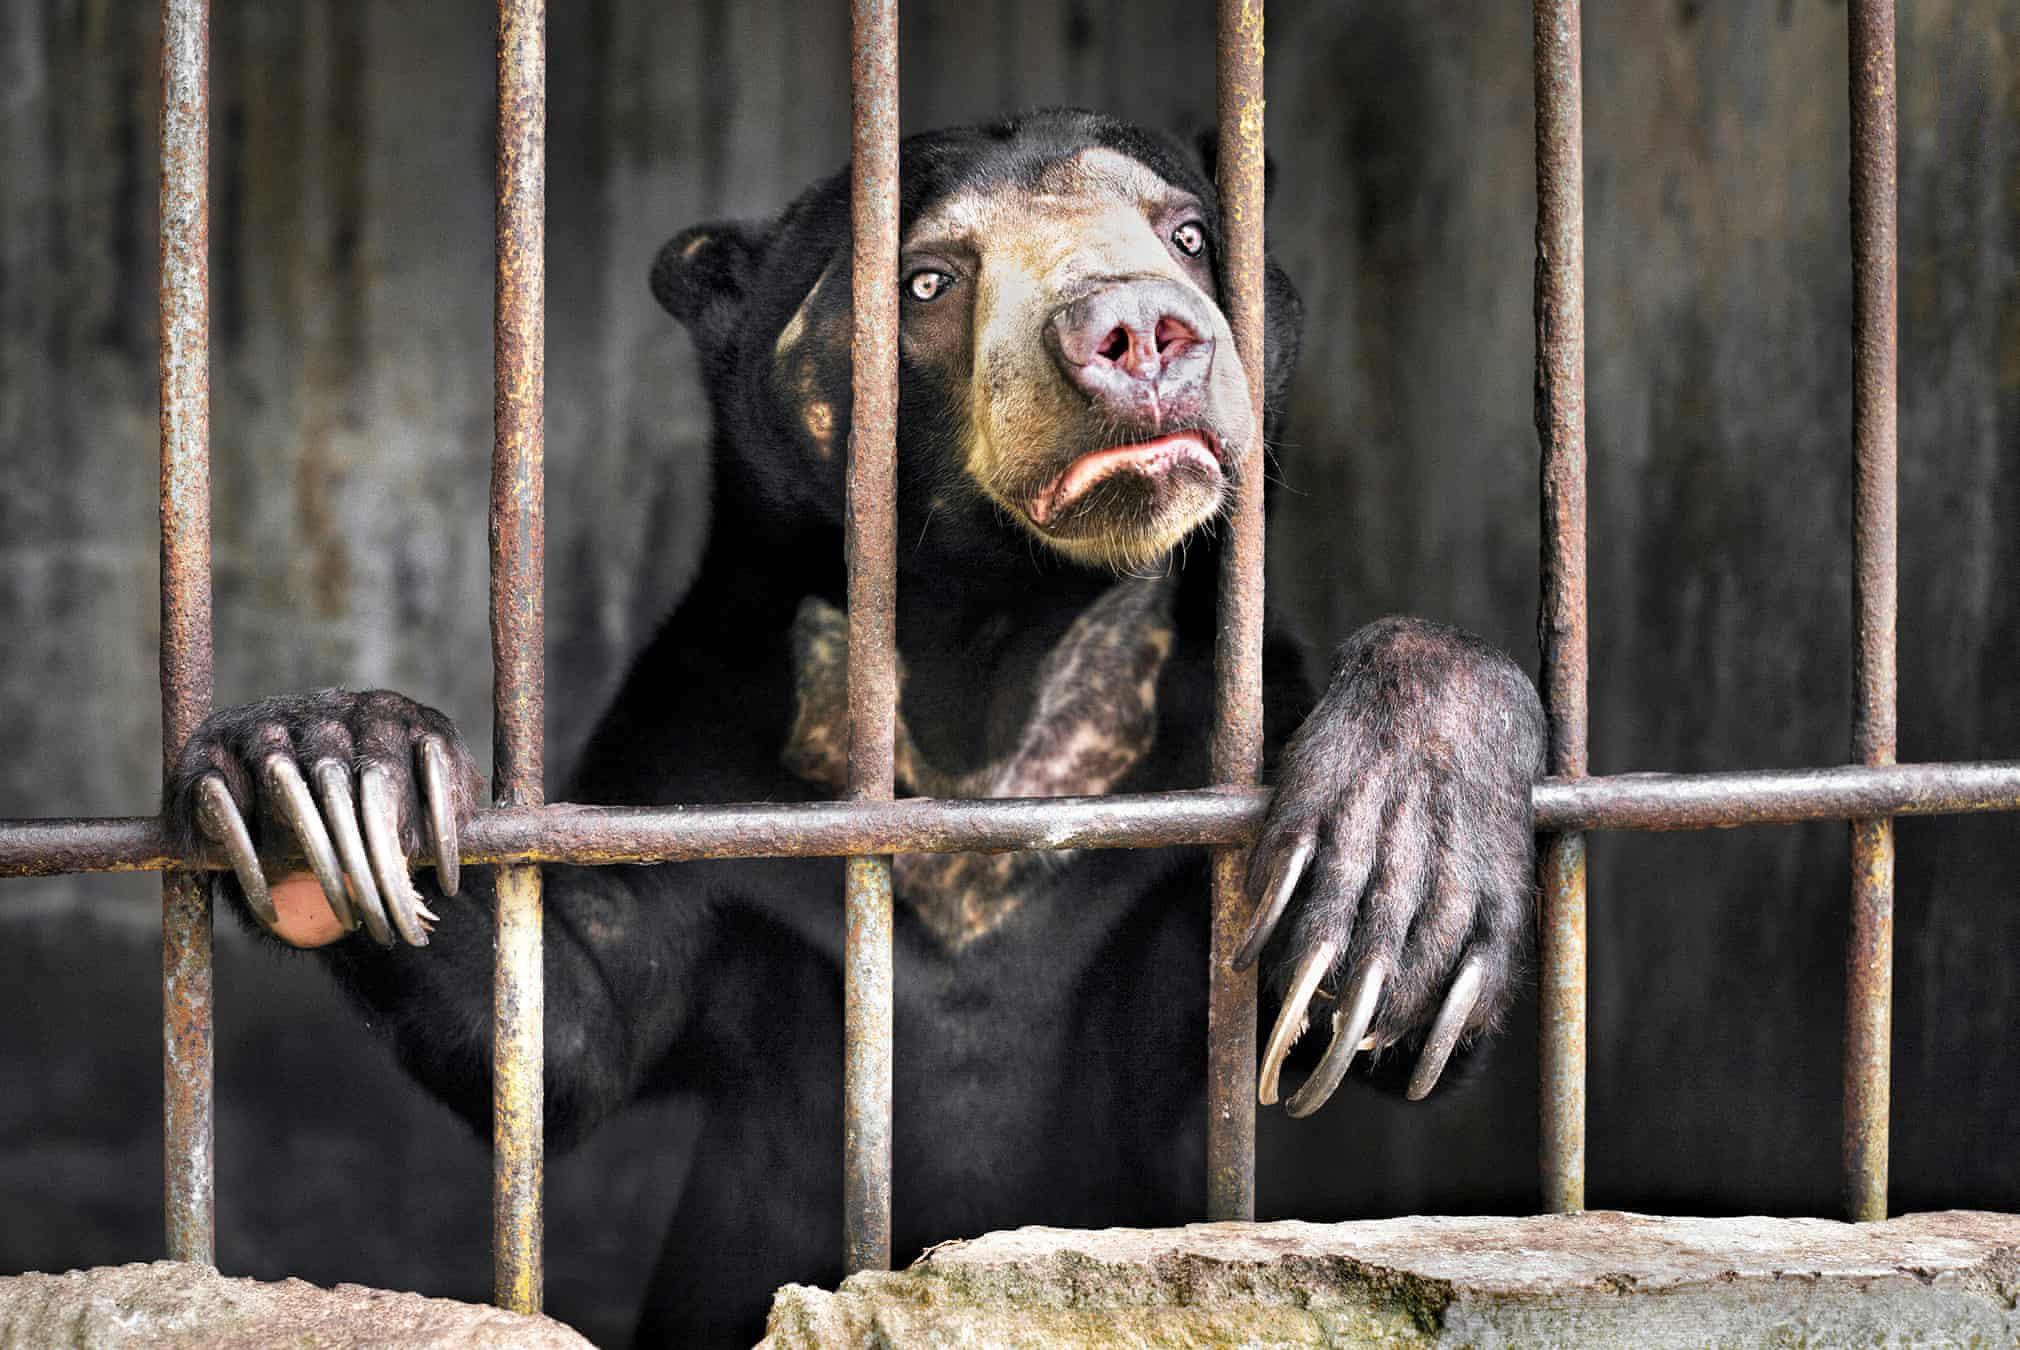 Малайский (или солнечный) медведь взоопарке наСуматре (Индонезия), где он содержится вужасных условиях. Солнечные медведи — самый мелкий представитель семейства медведей, они находятся подугрозой исчезновения из-за браконьерства иобезлесения (животные восновном обитают внизинных лесах Юго-Восточной Азии).